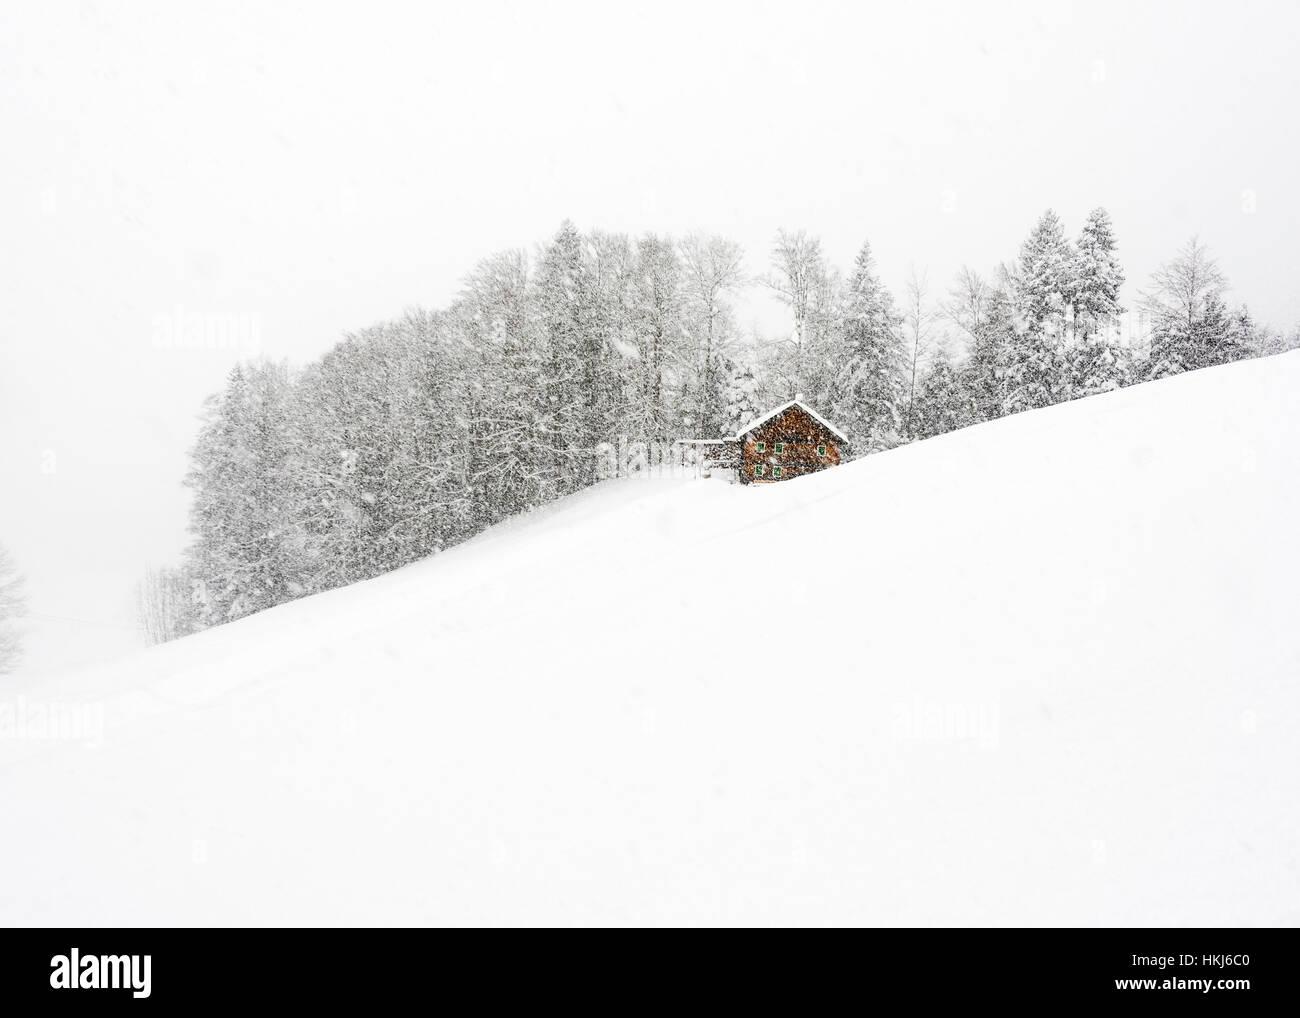 Mountain hut in front of winter forest, dense snowfall, Hittisau, Bregenz Forest, Vorarlberg, Austria Stock Photo